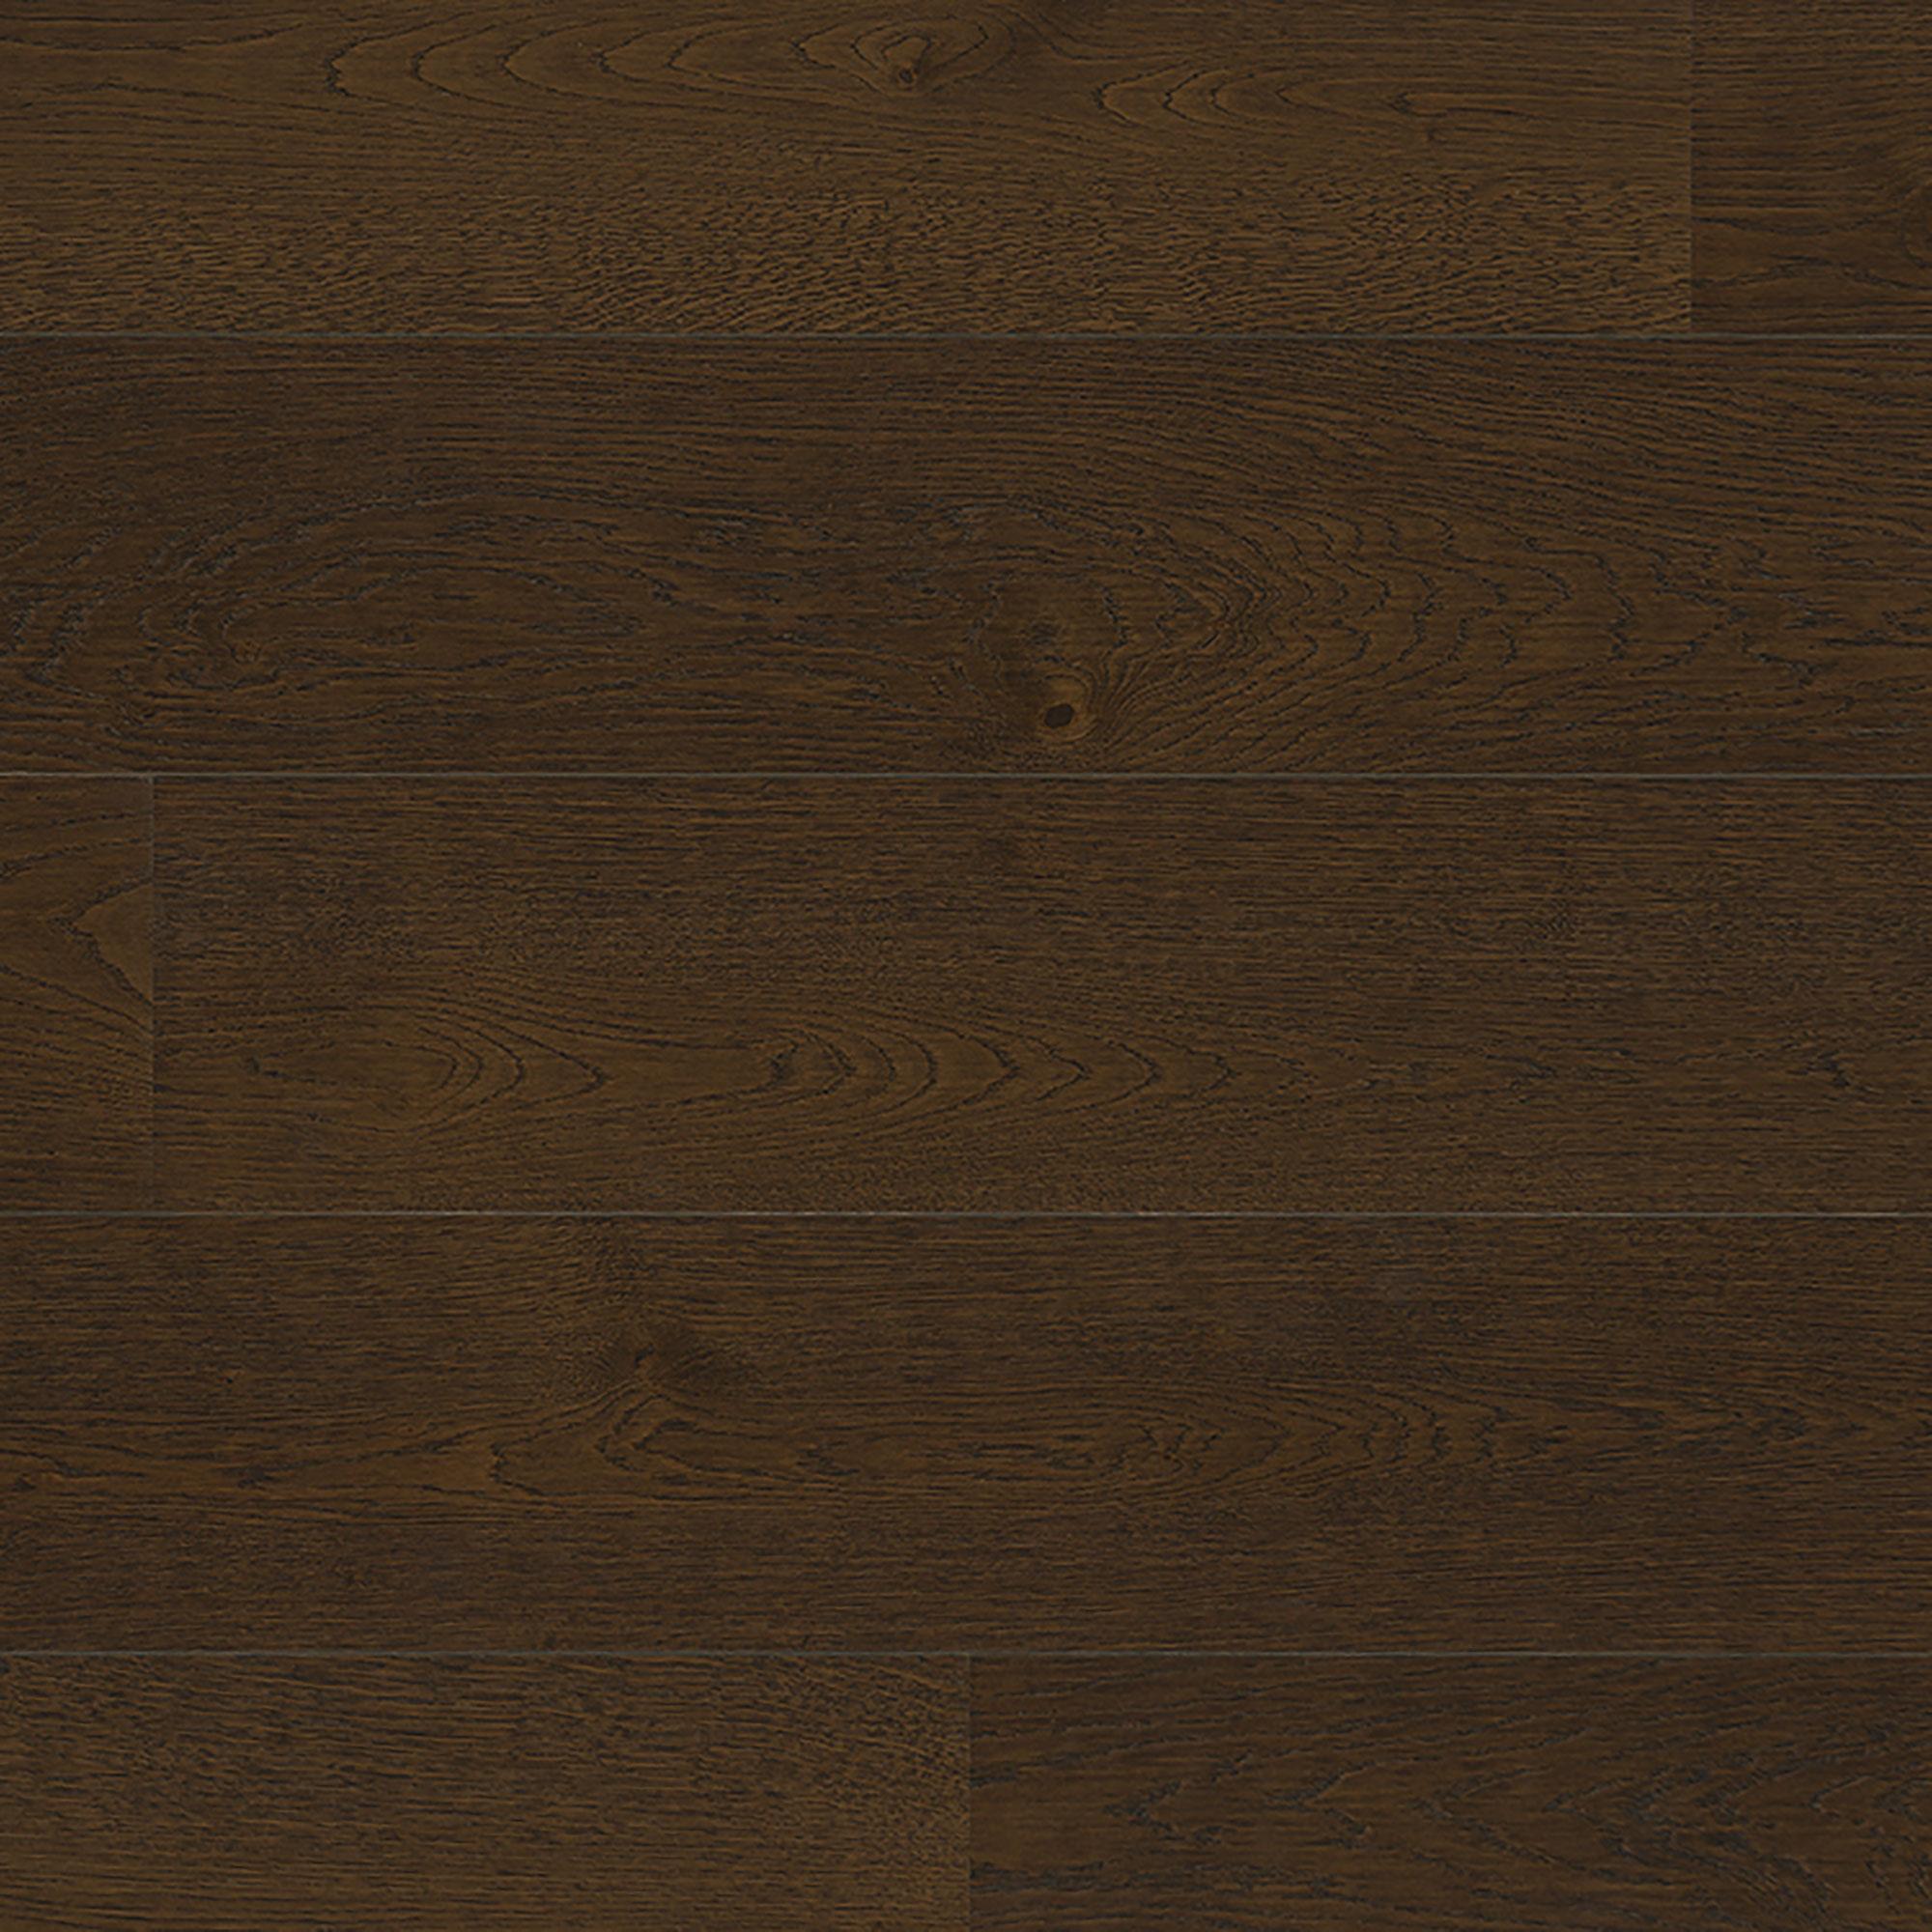 Trägolv Bjelin Parkett Ek Plank 200 Nature Mattlack Mörkbrun OP Kopranon 15,5